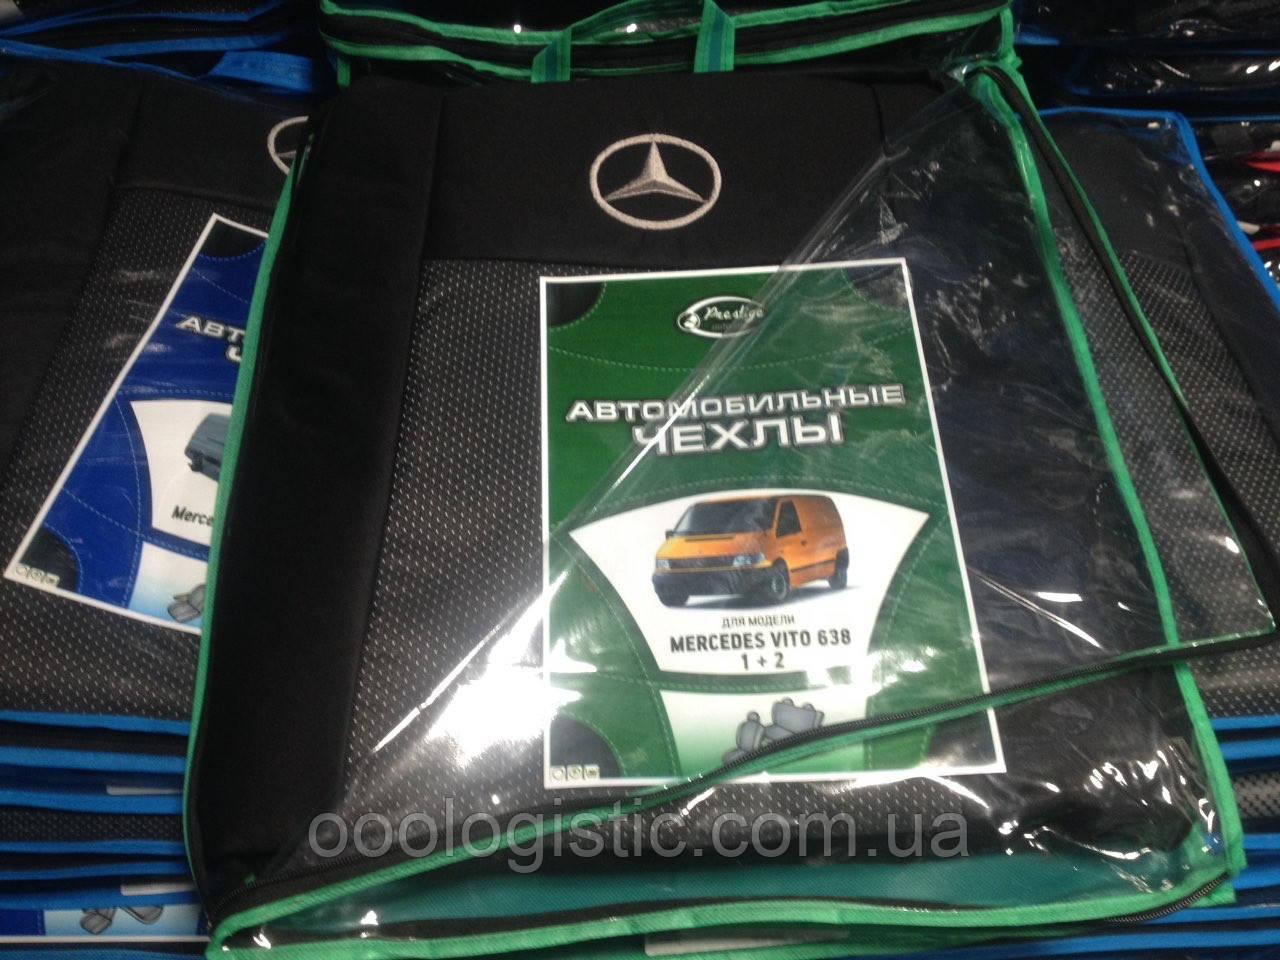 Авточохли на Mercedes Vito 638 1+2 Prestige